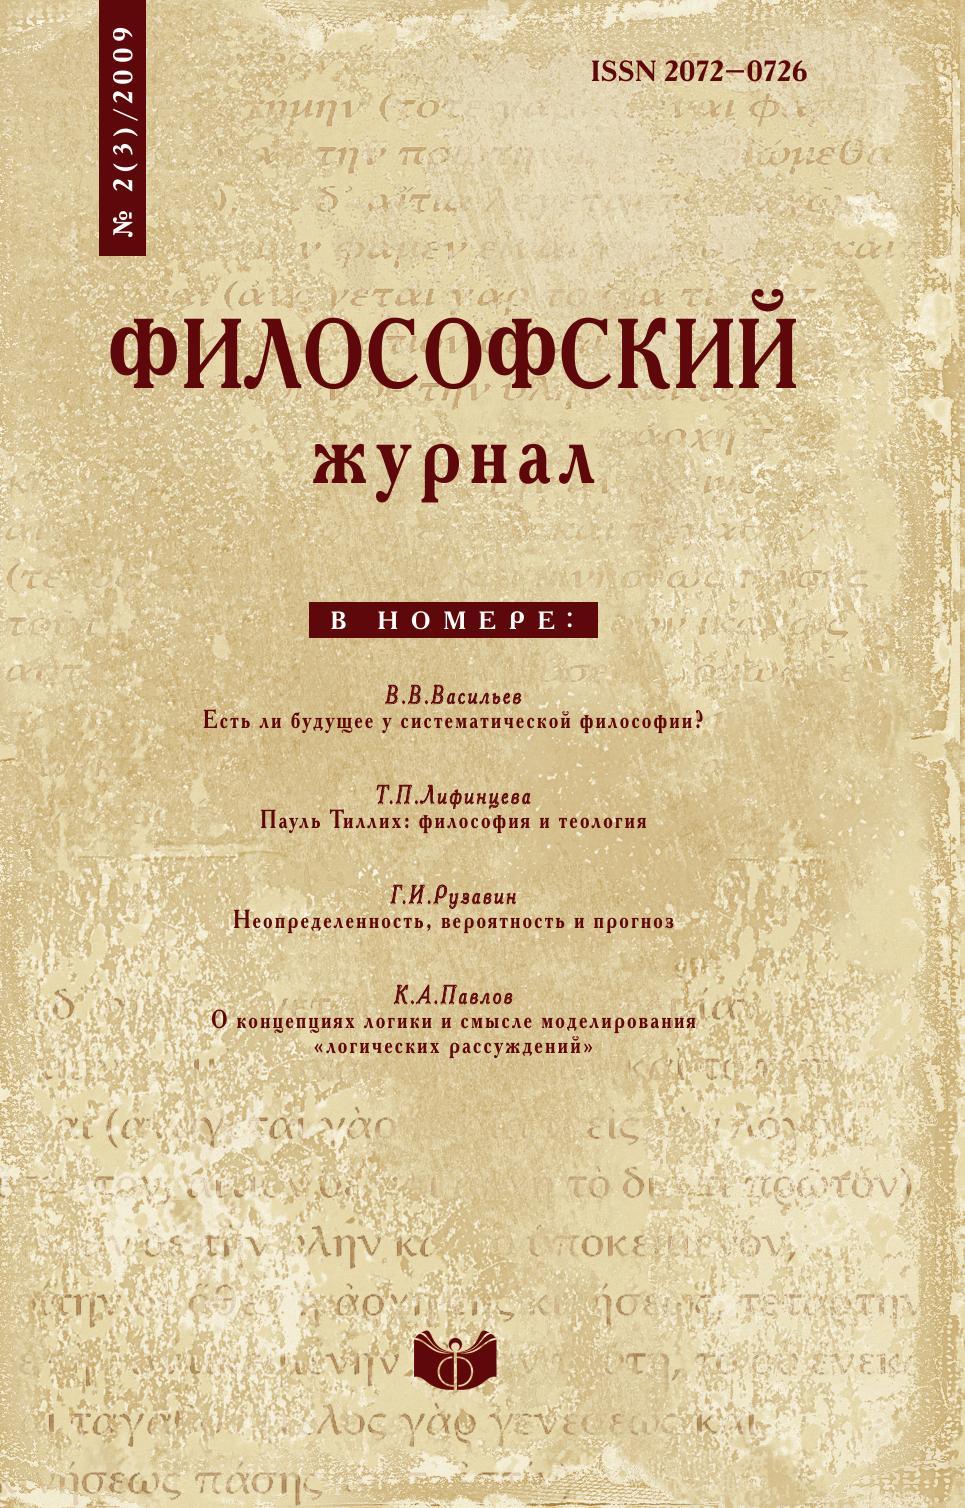 сборник Философский журнал. . 2(3) 2009